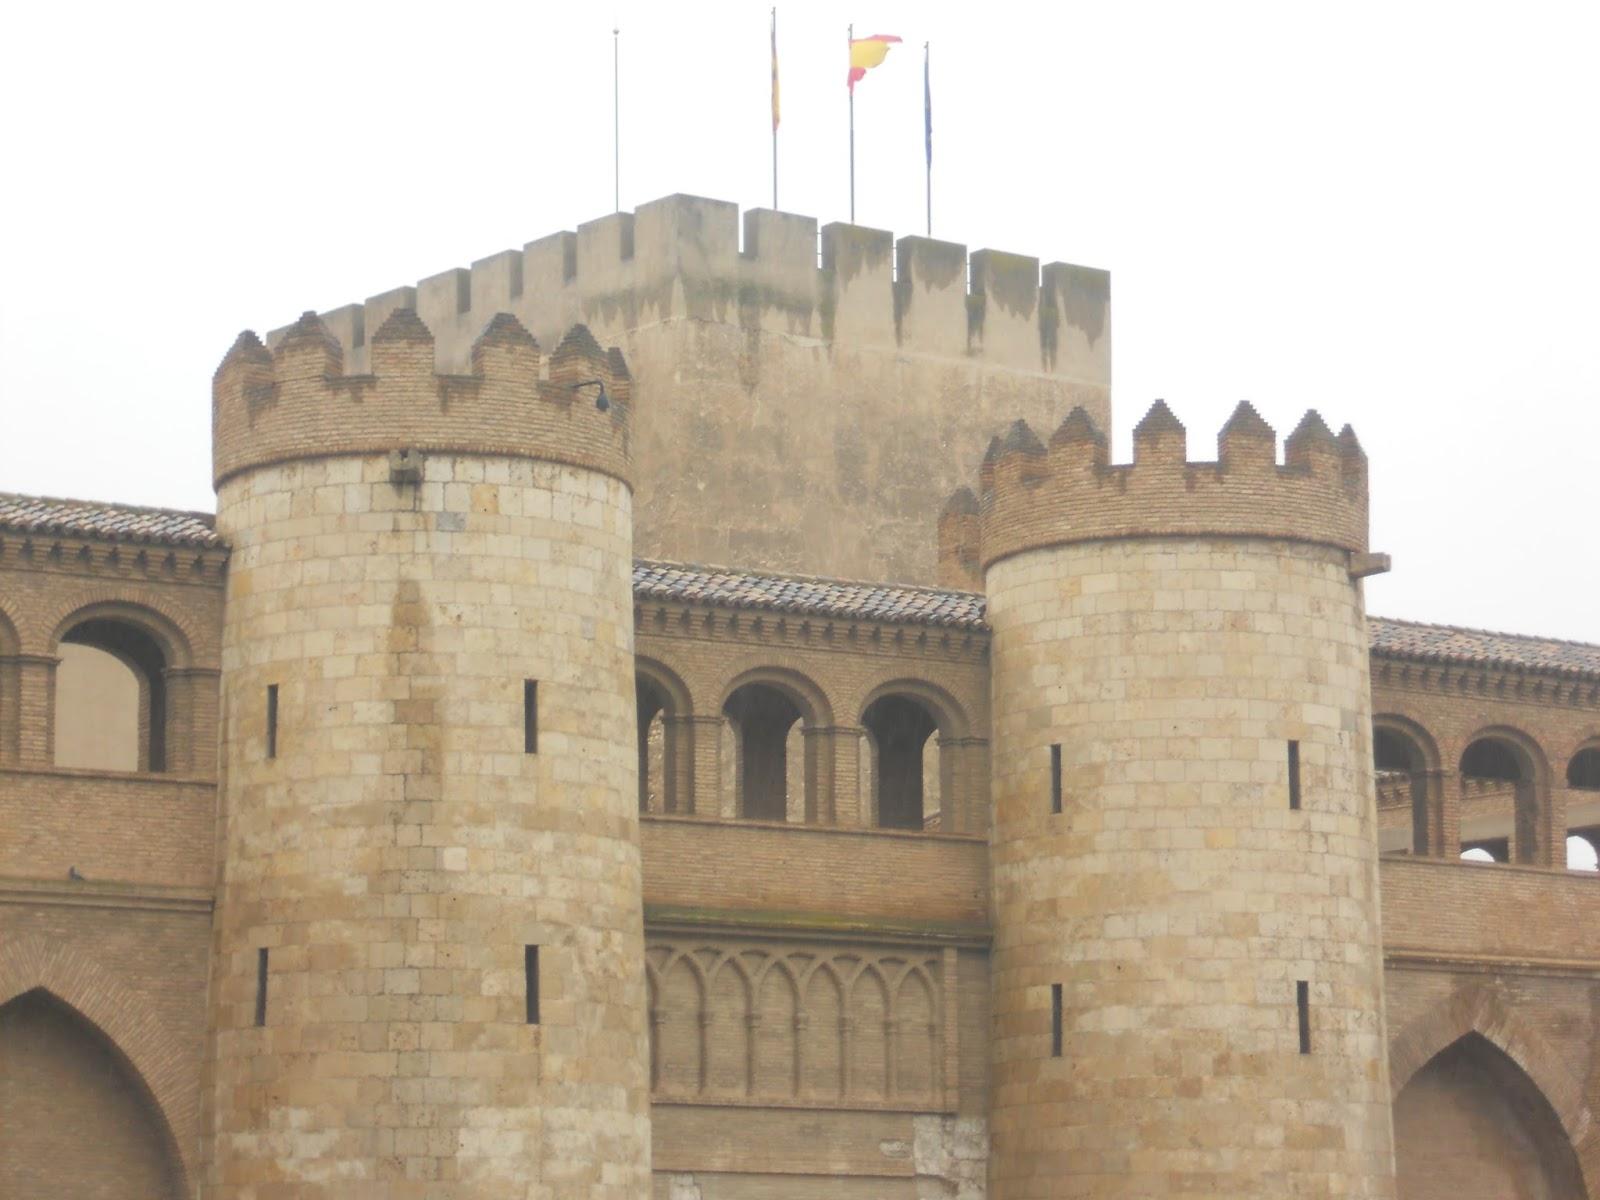 Historia y genealog a palacio de la aljaferia zaragoza - Arquitectura en zaragoza ...